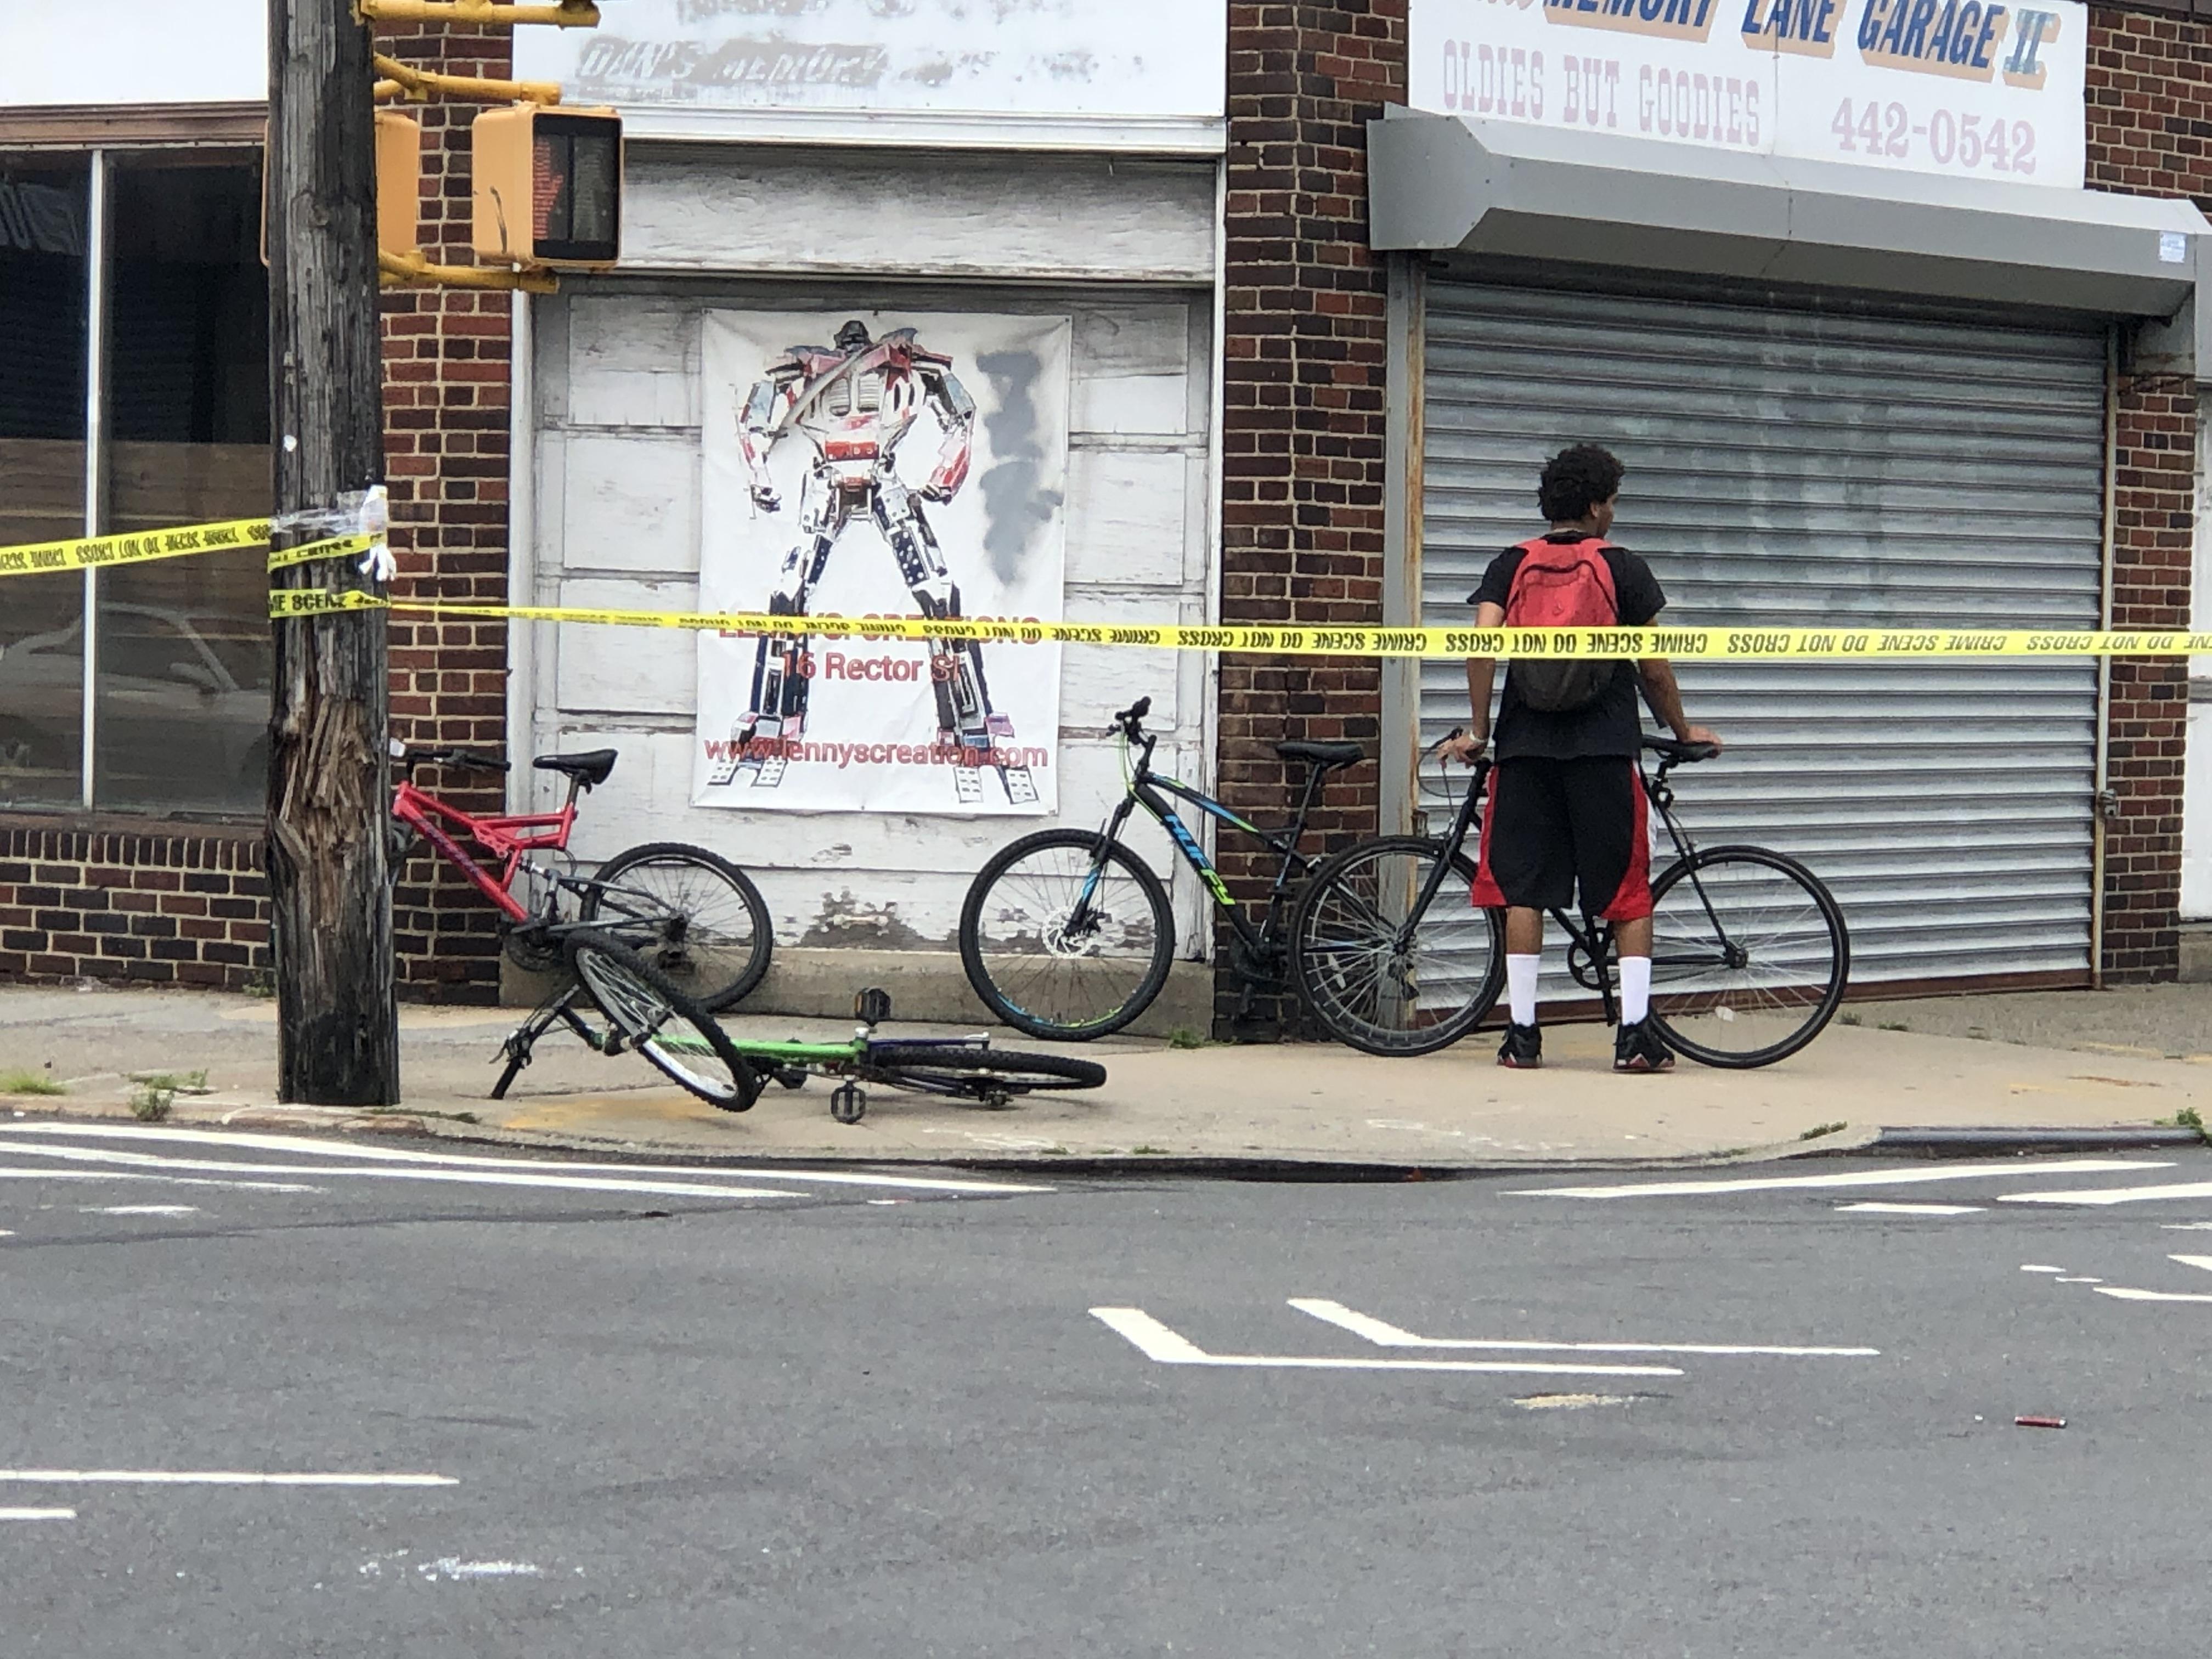 Cops: Boy, 17, riding bike dies after crash in West Brighton